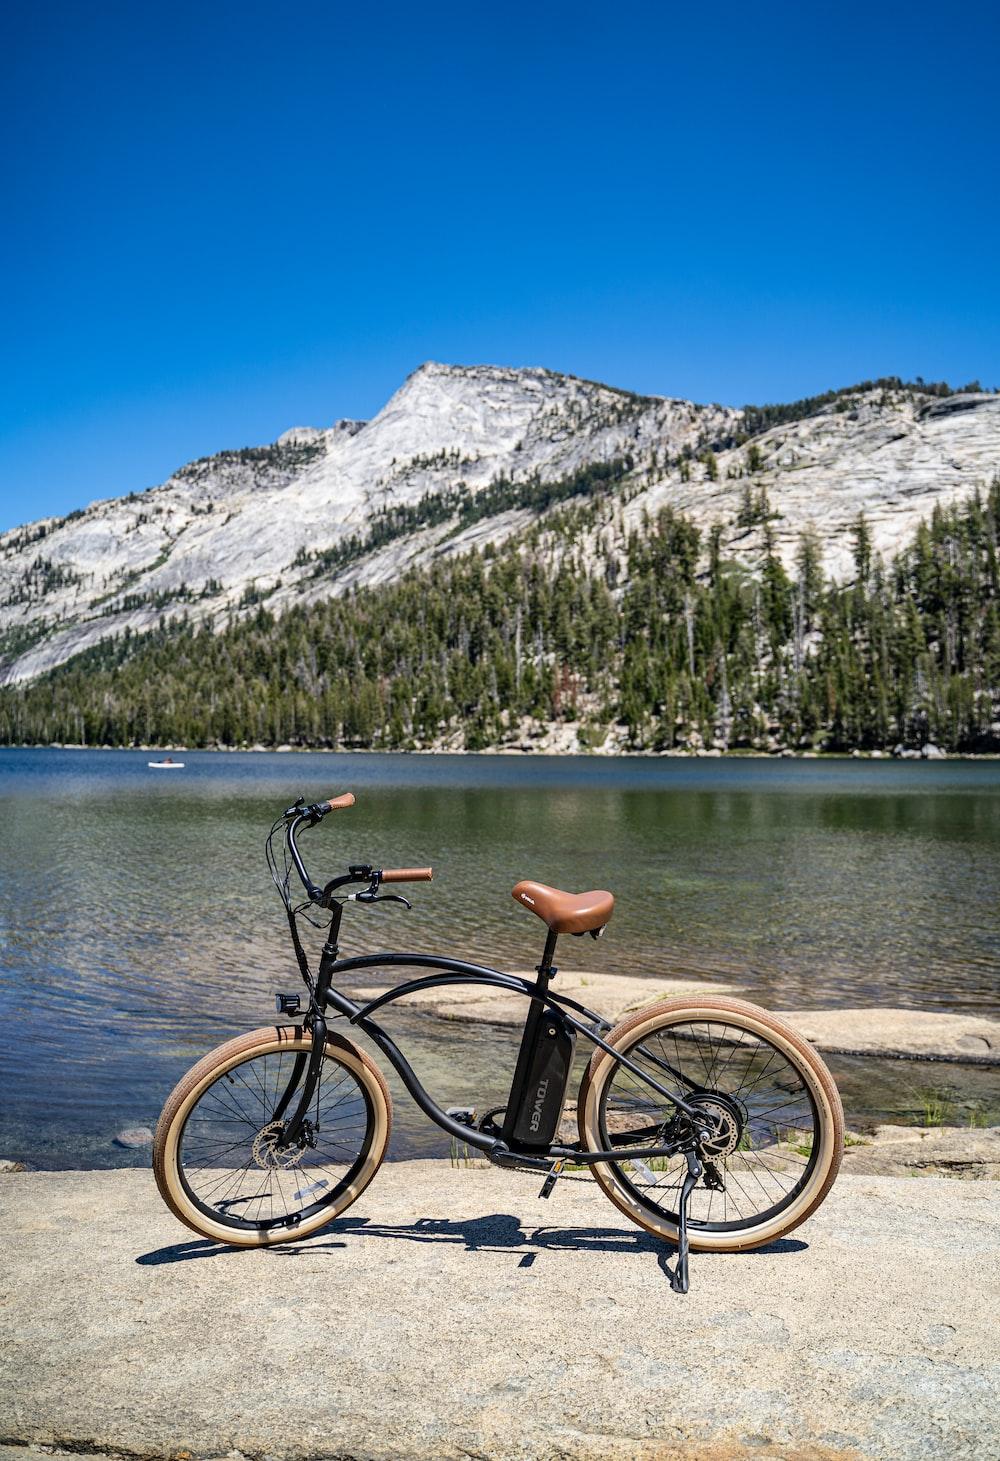 black bicycle on brown wooden dock near lake during daytime